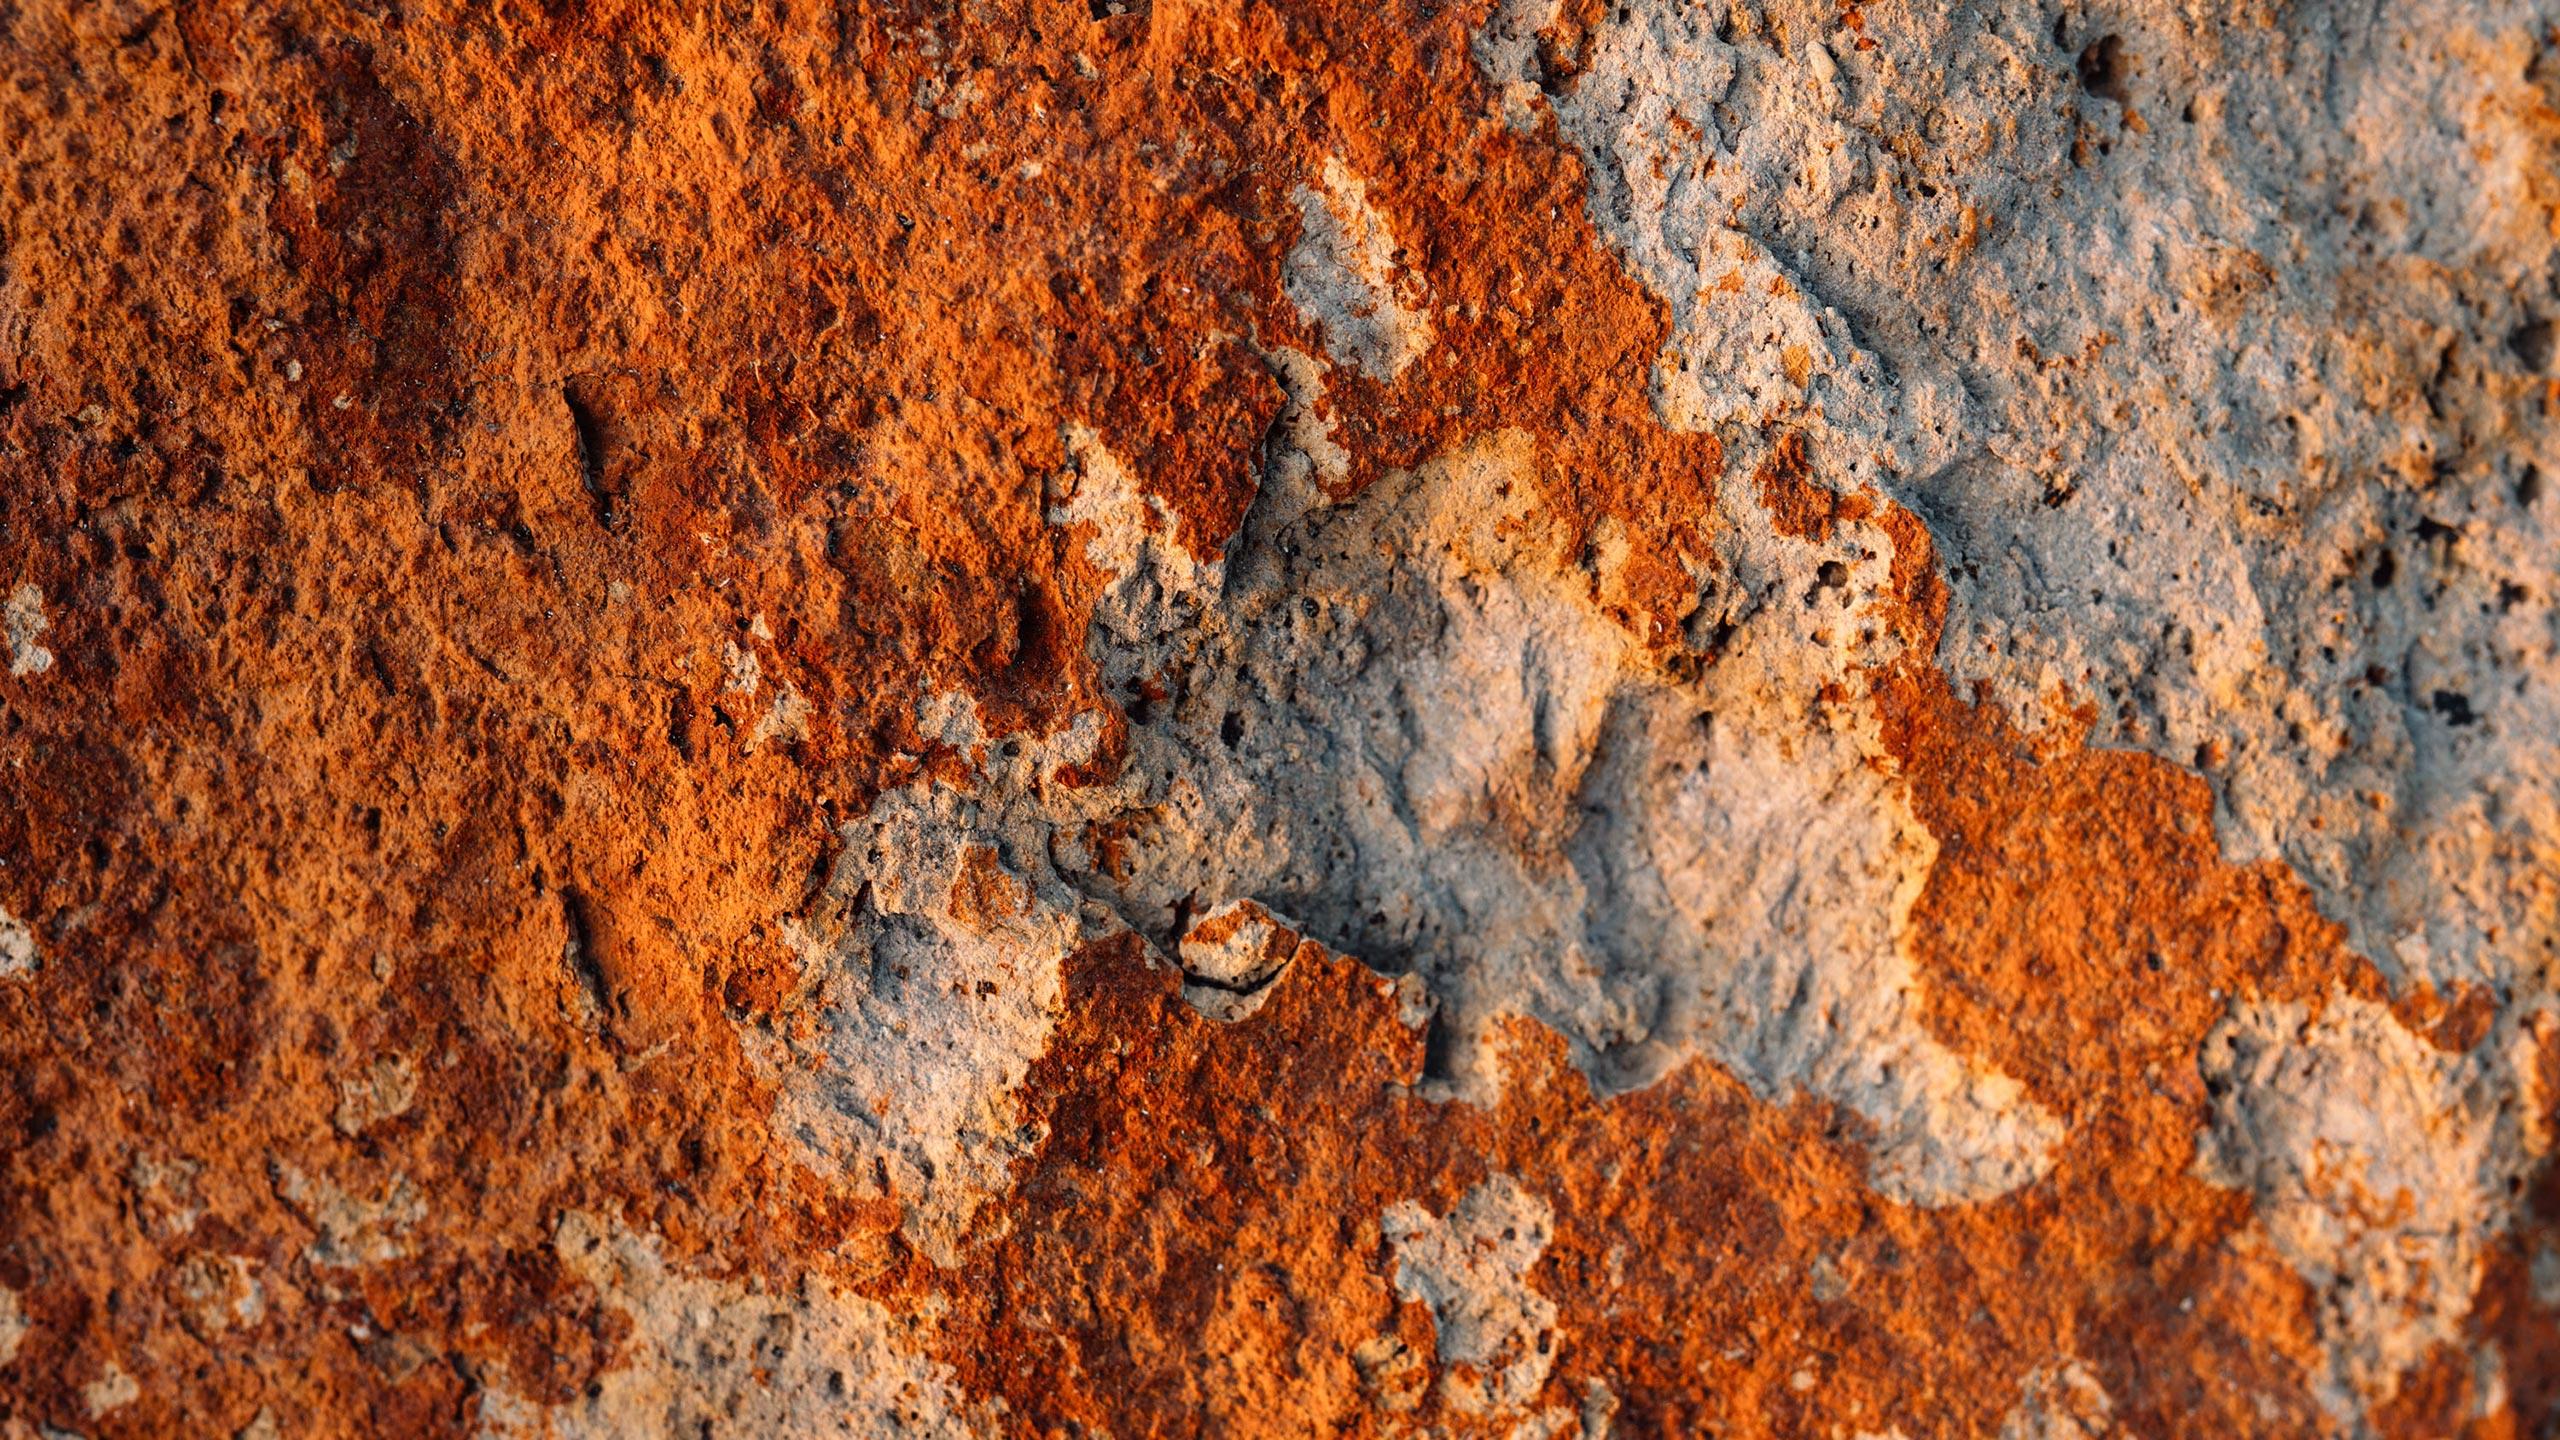 Closeup of volcanic rock